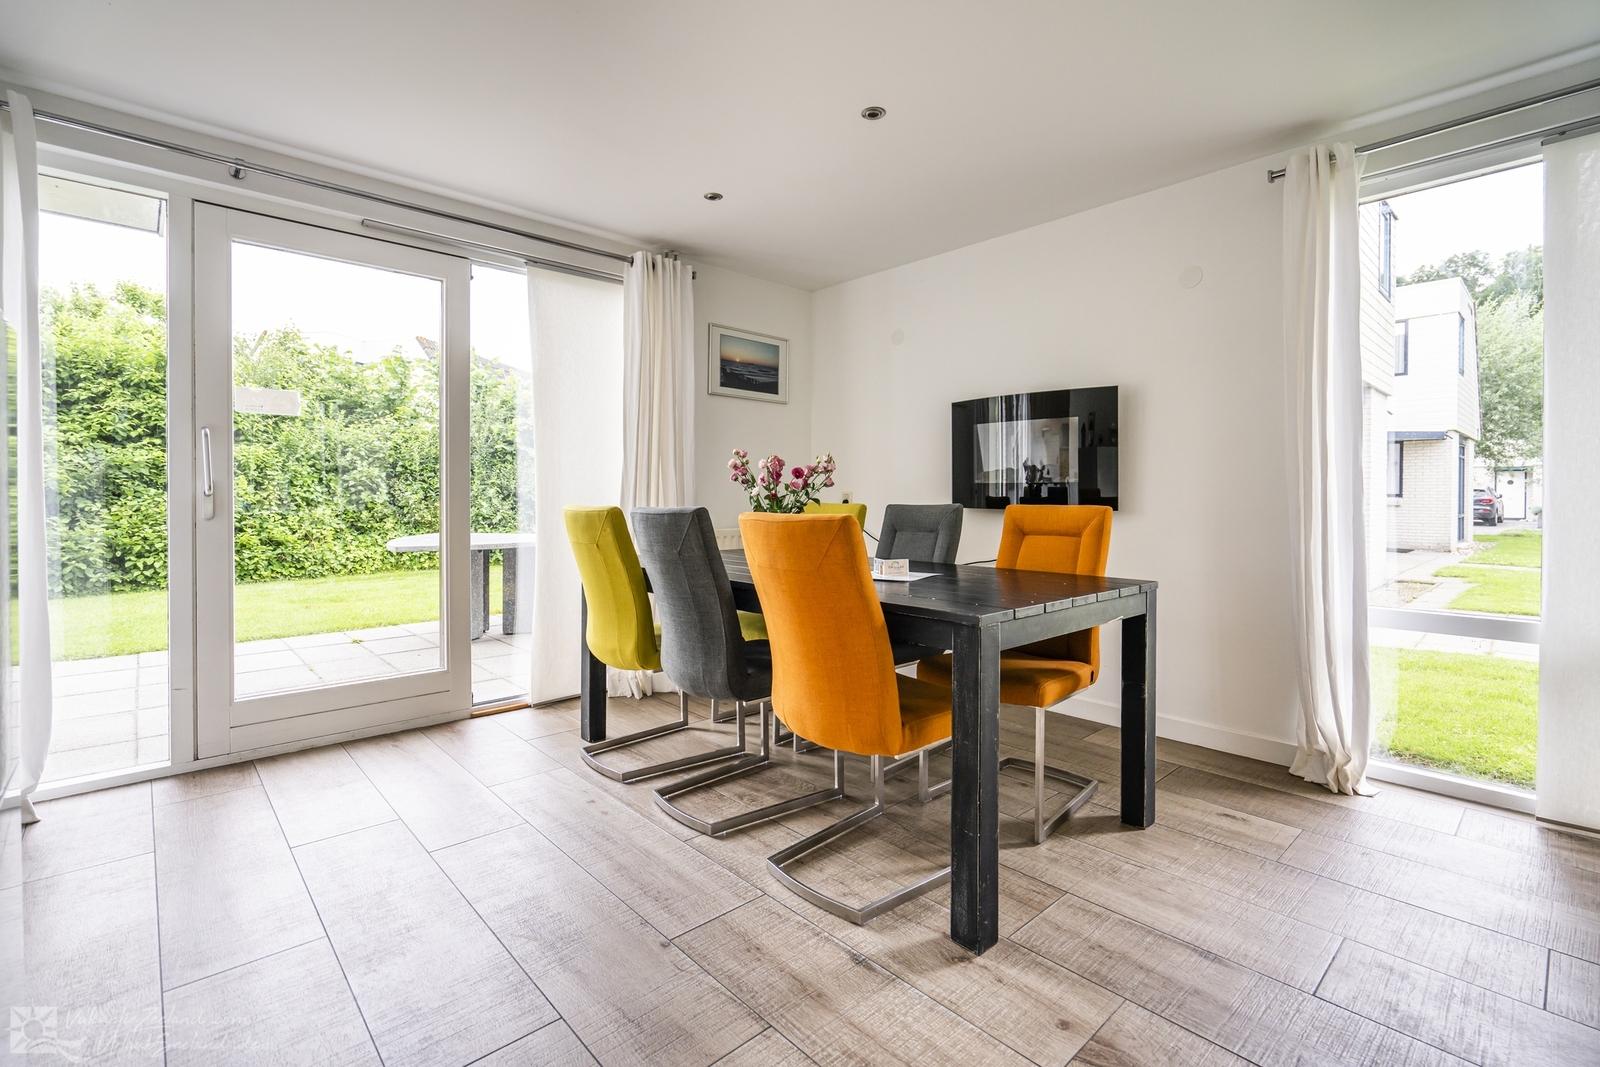 VZ969 Detached holiday home in Vlissingen